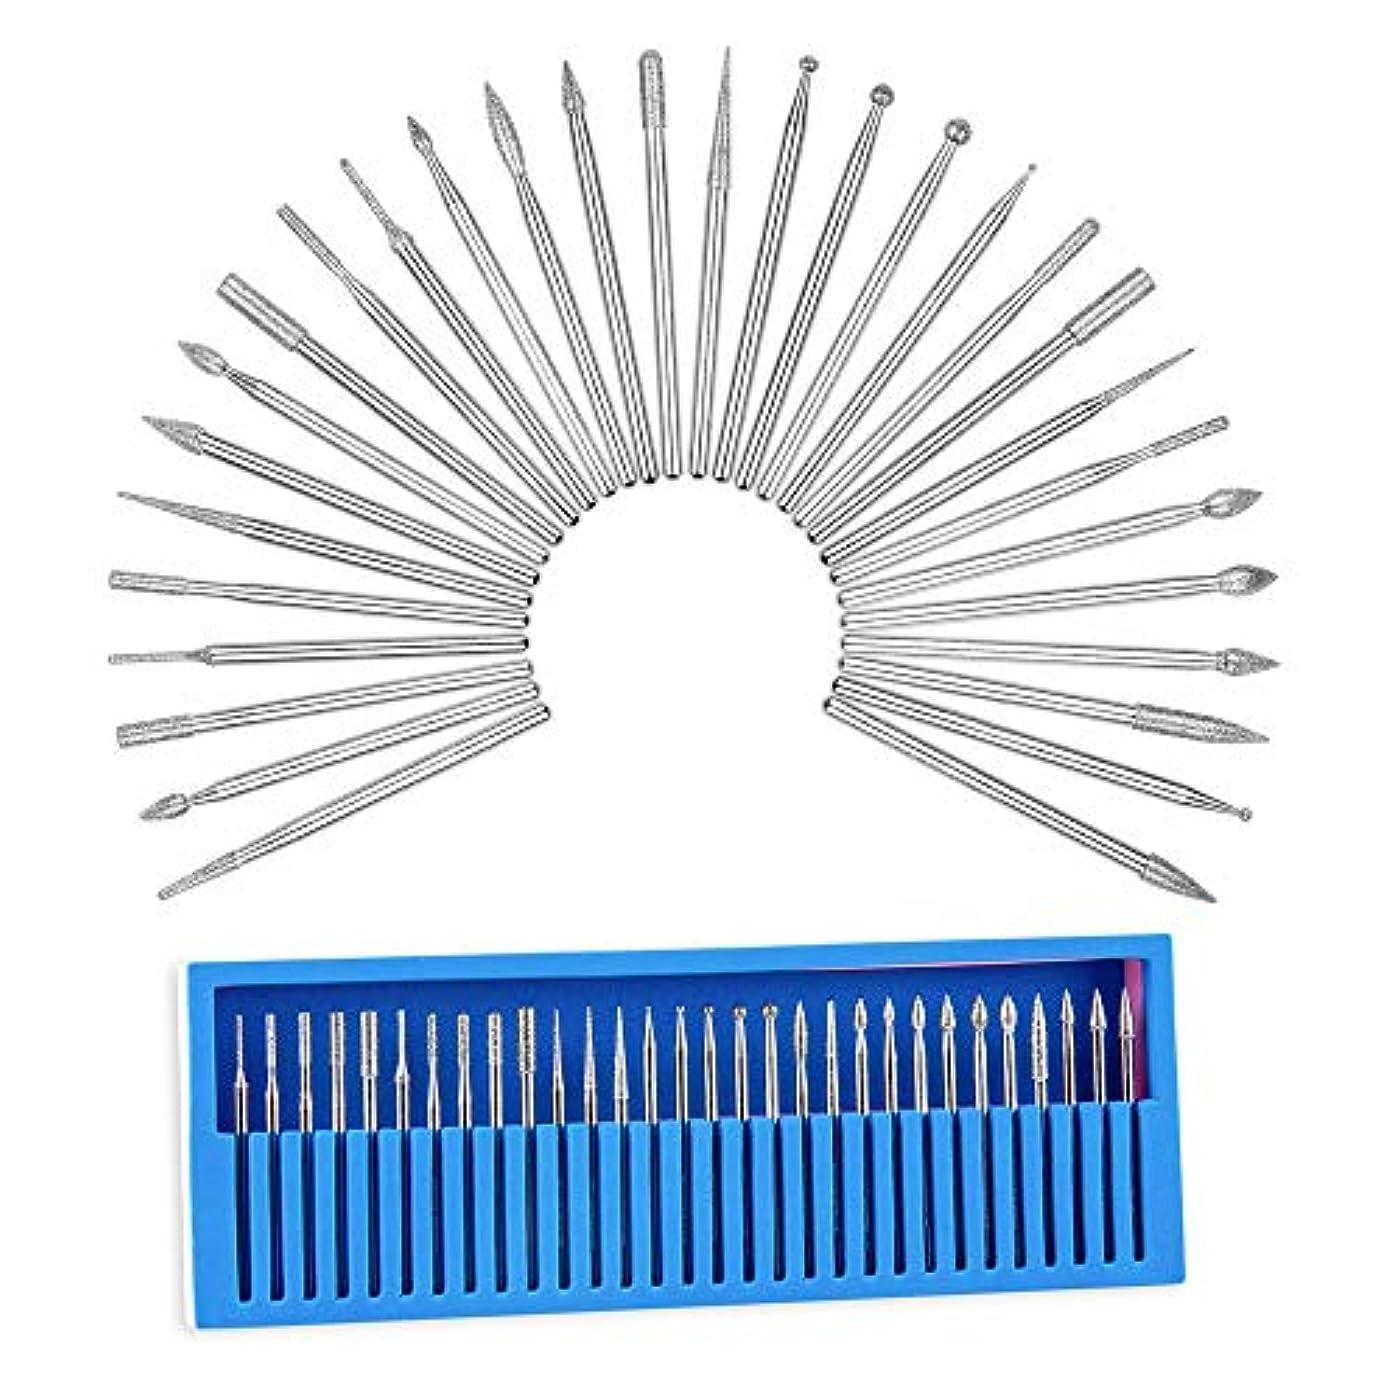 発見する下位複製するネイルマシーン用 軸2.35mm 取り替えビットセット ミニルーター用 高品質 耐食 合金 各種類 30本入り 箱付 研磨 ネイルケア ネイルアート 角質処理 ツール ネイルマシーン 工具